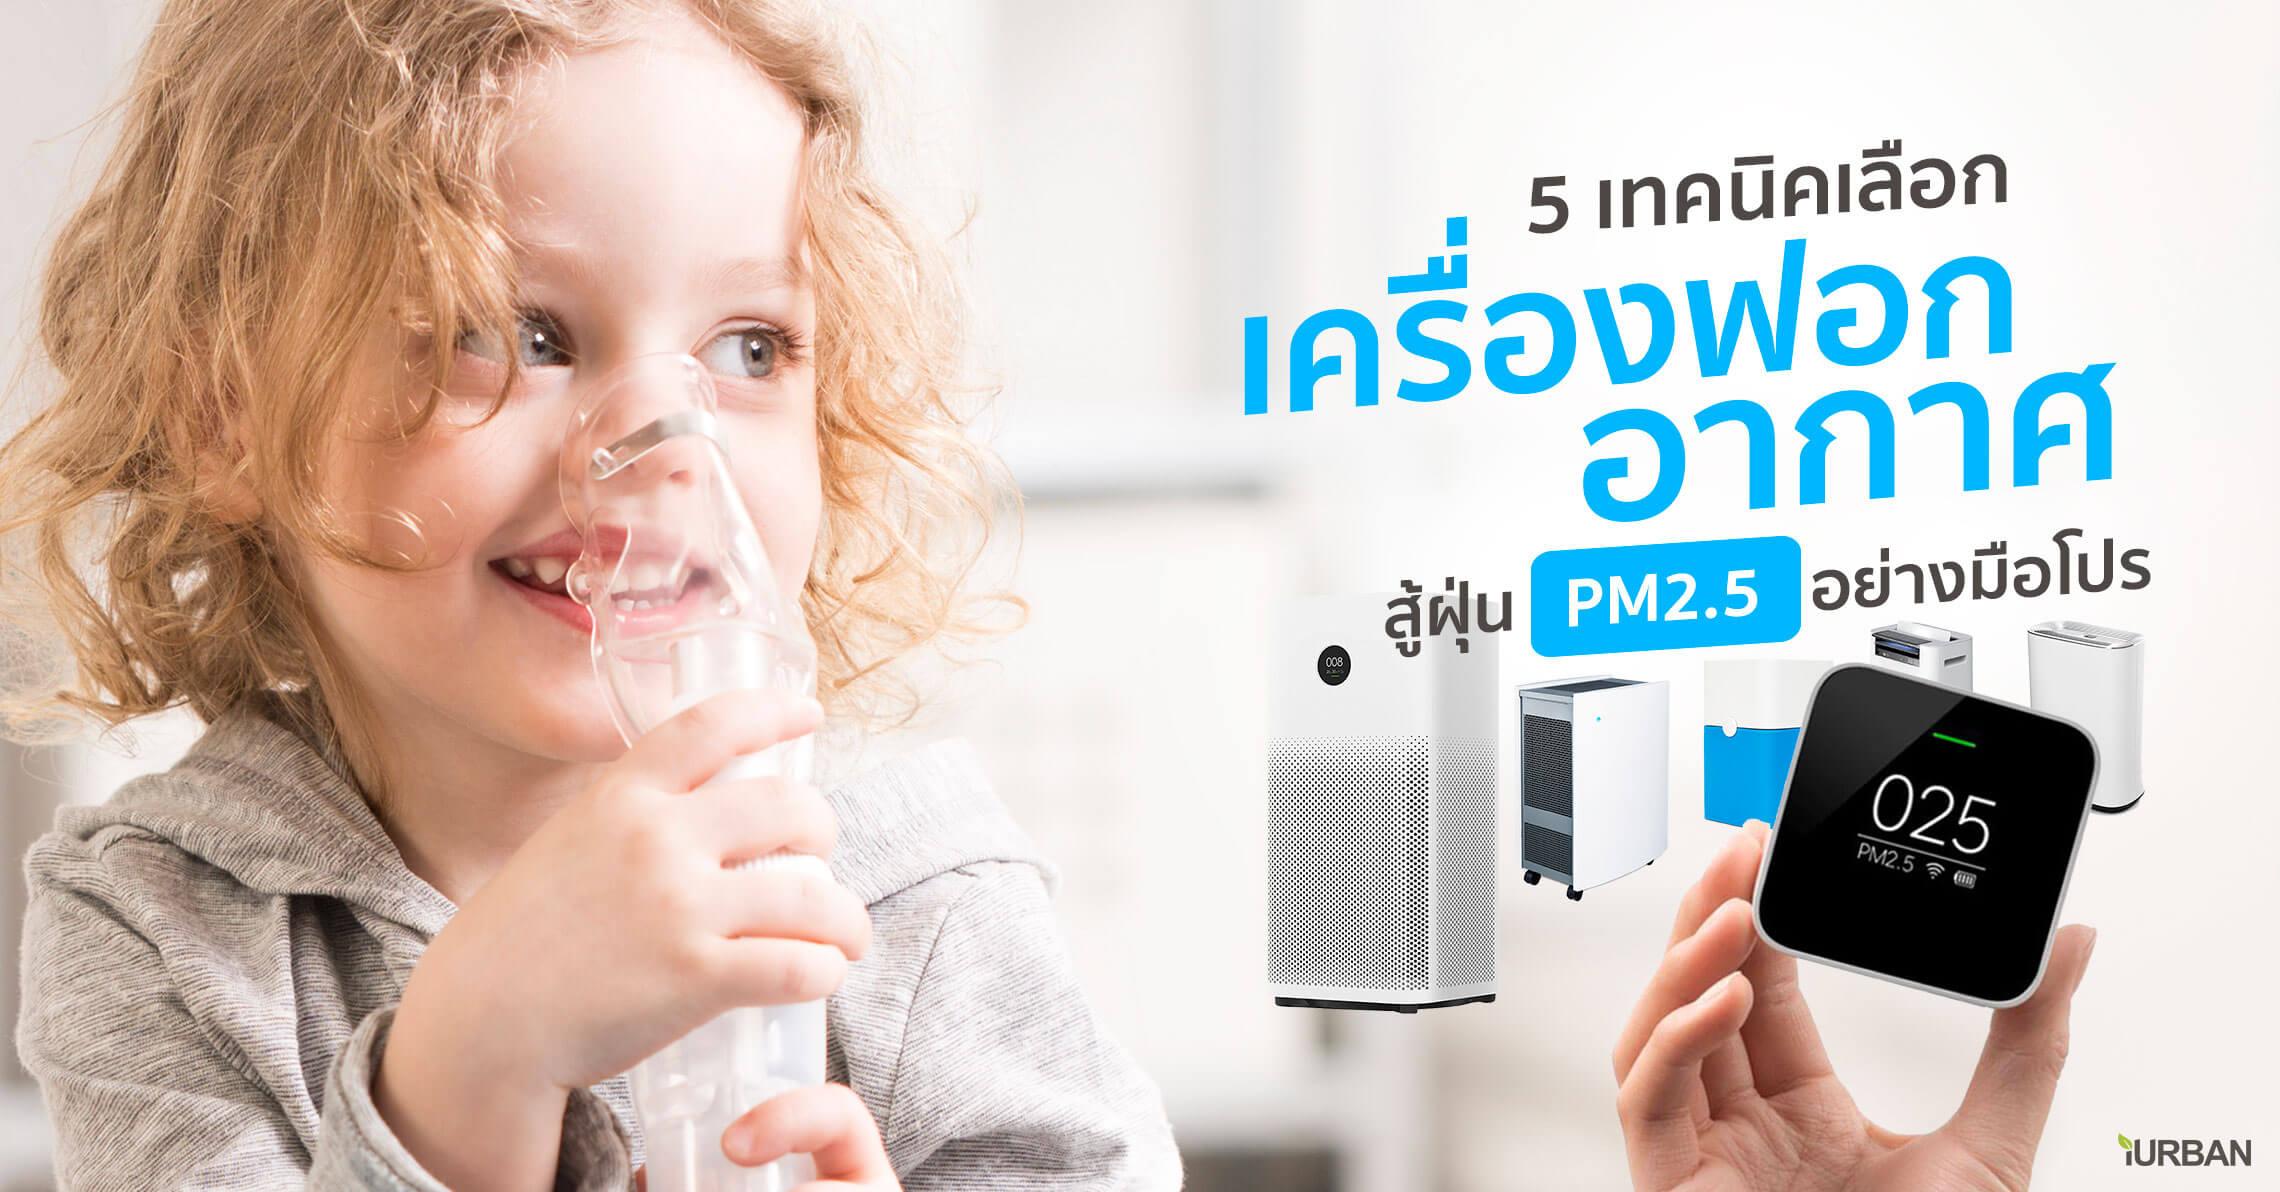 เครื่องฟอกอากาศ PM2.5 มี 5 เรื่องต้องดูเพื่อเลือกซื้ออย่างมือโปร 2019 13 - Air Purifier